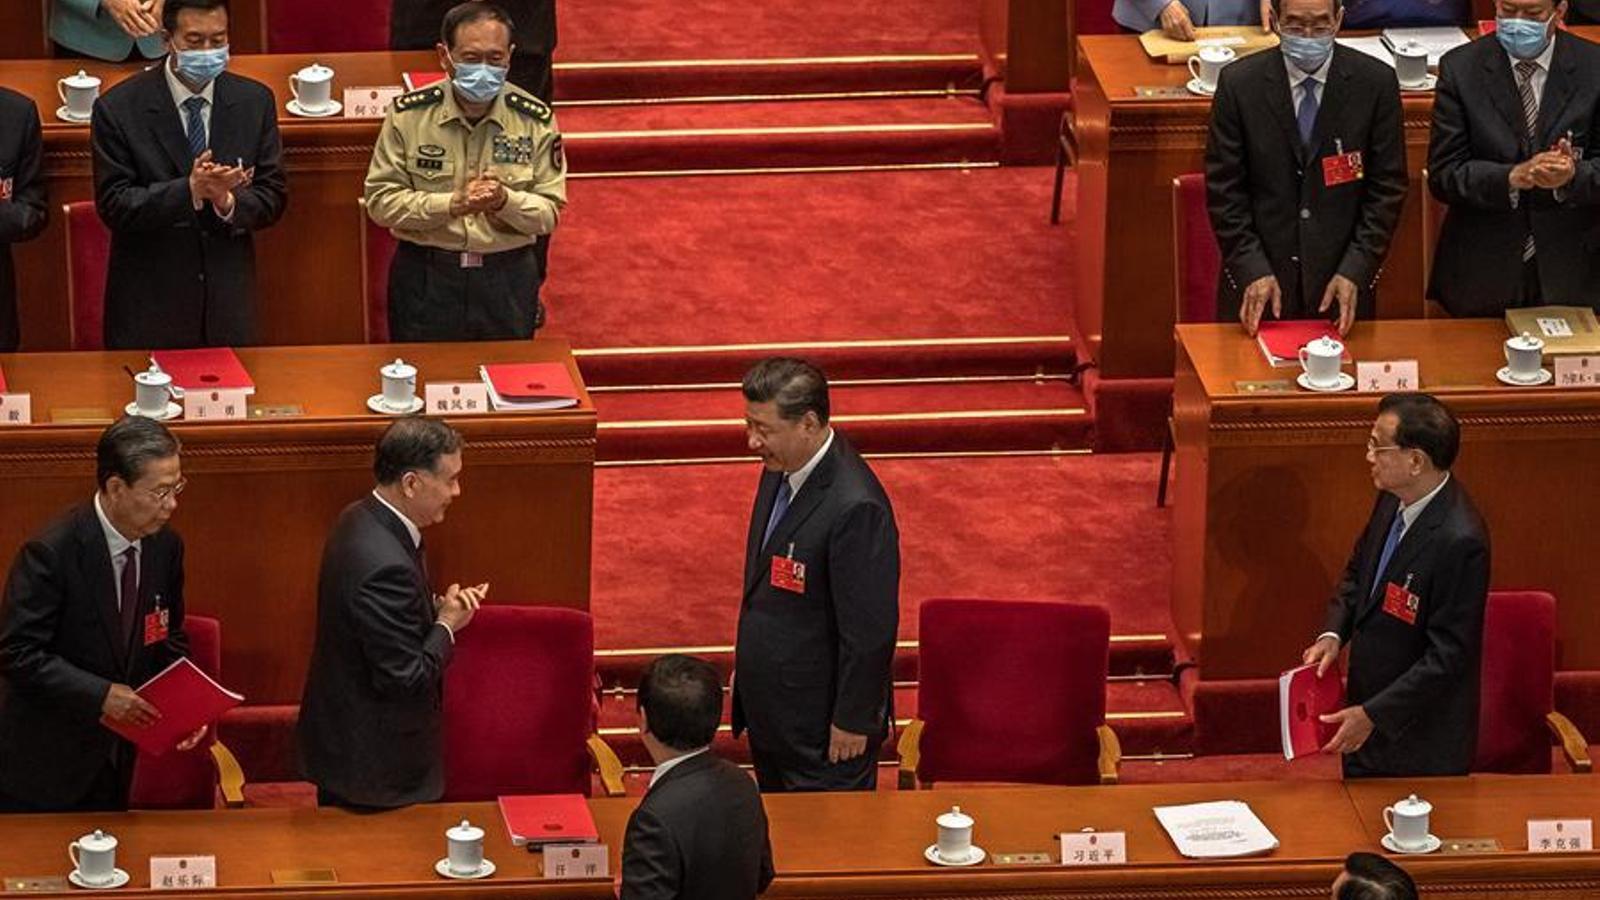 El president Xi Jinping  rebent l'aplaudiment dels dirigents territorials a l'última sessió del Congrés Nacional del Poble